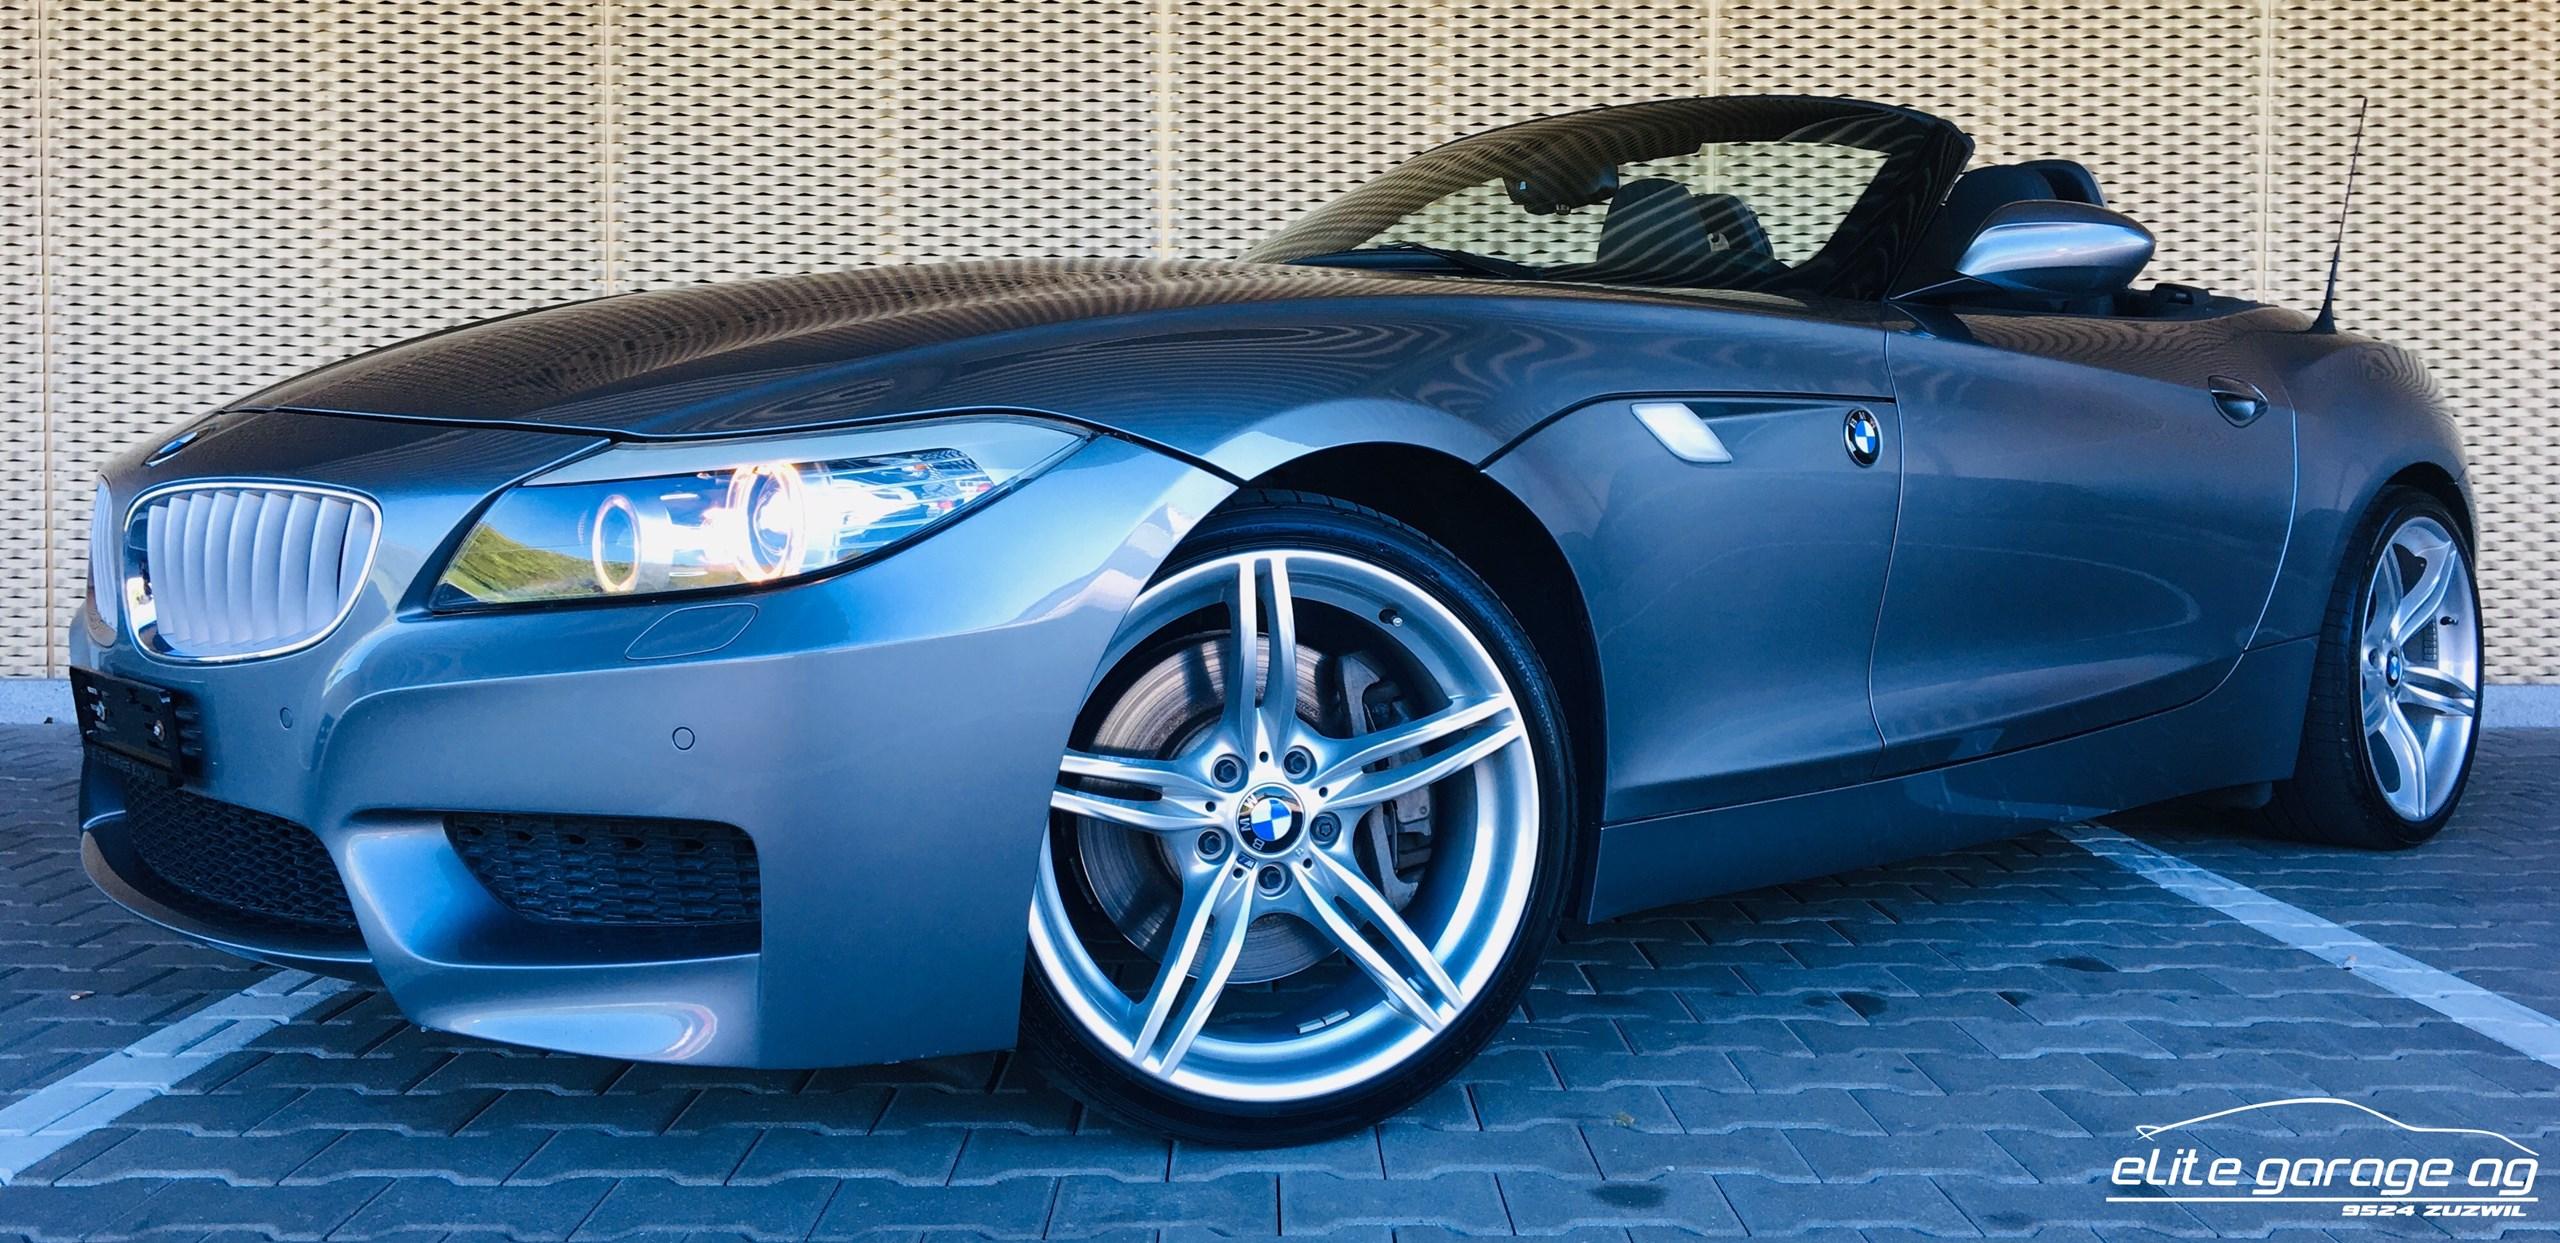 cabriolet BMW Z4 sDrive35i DKG